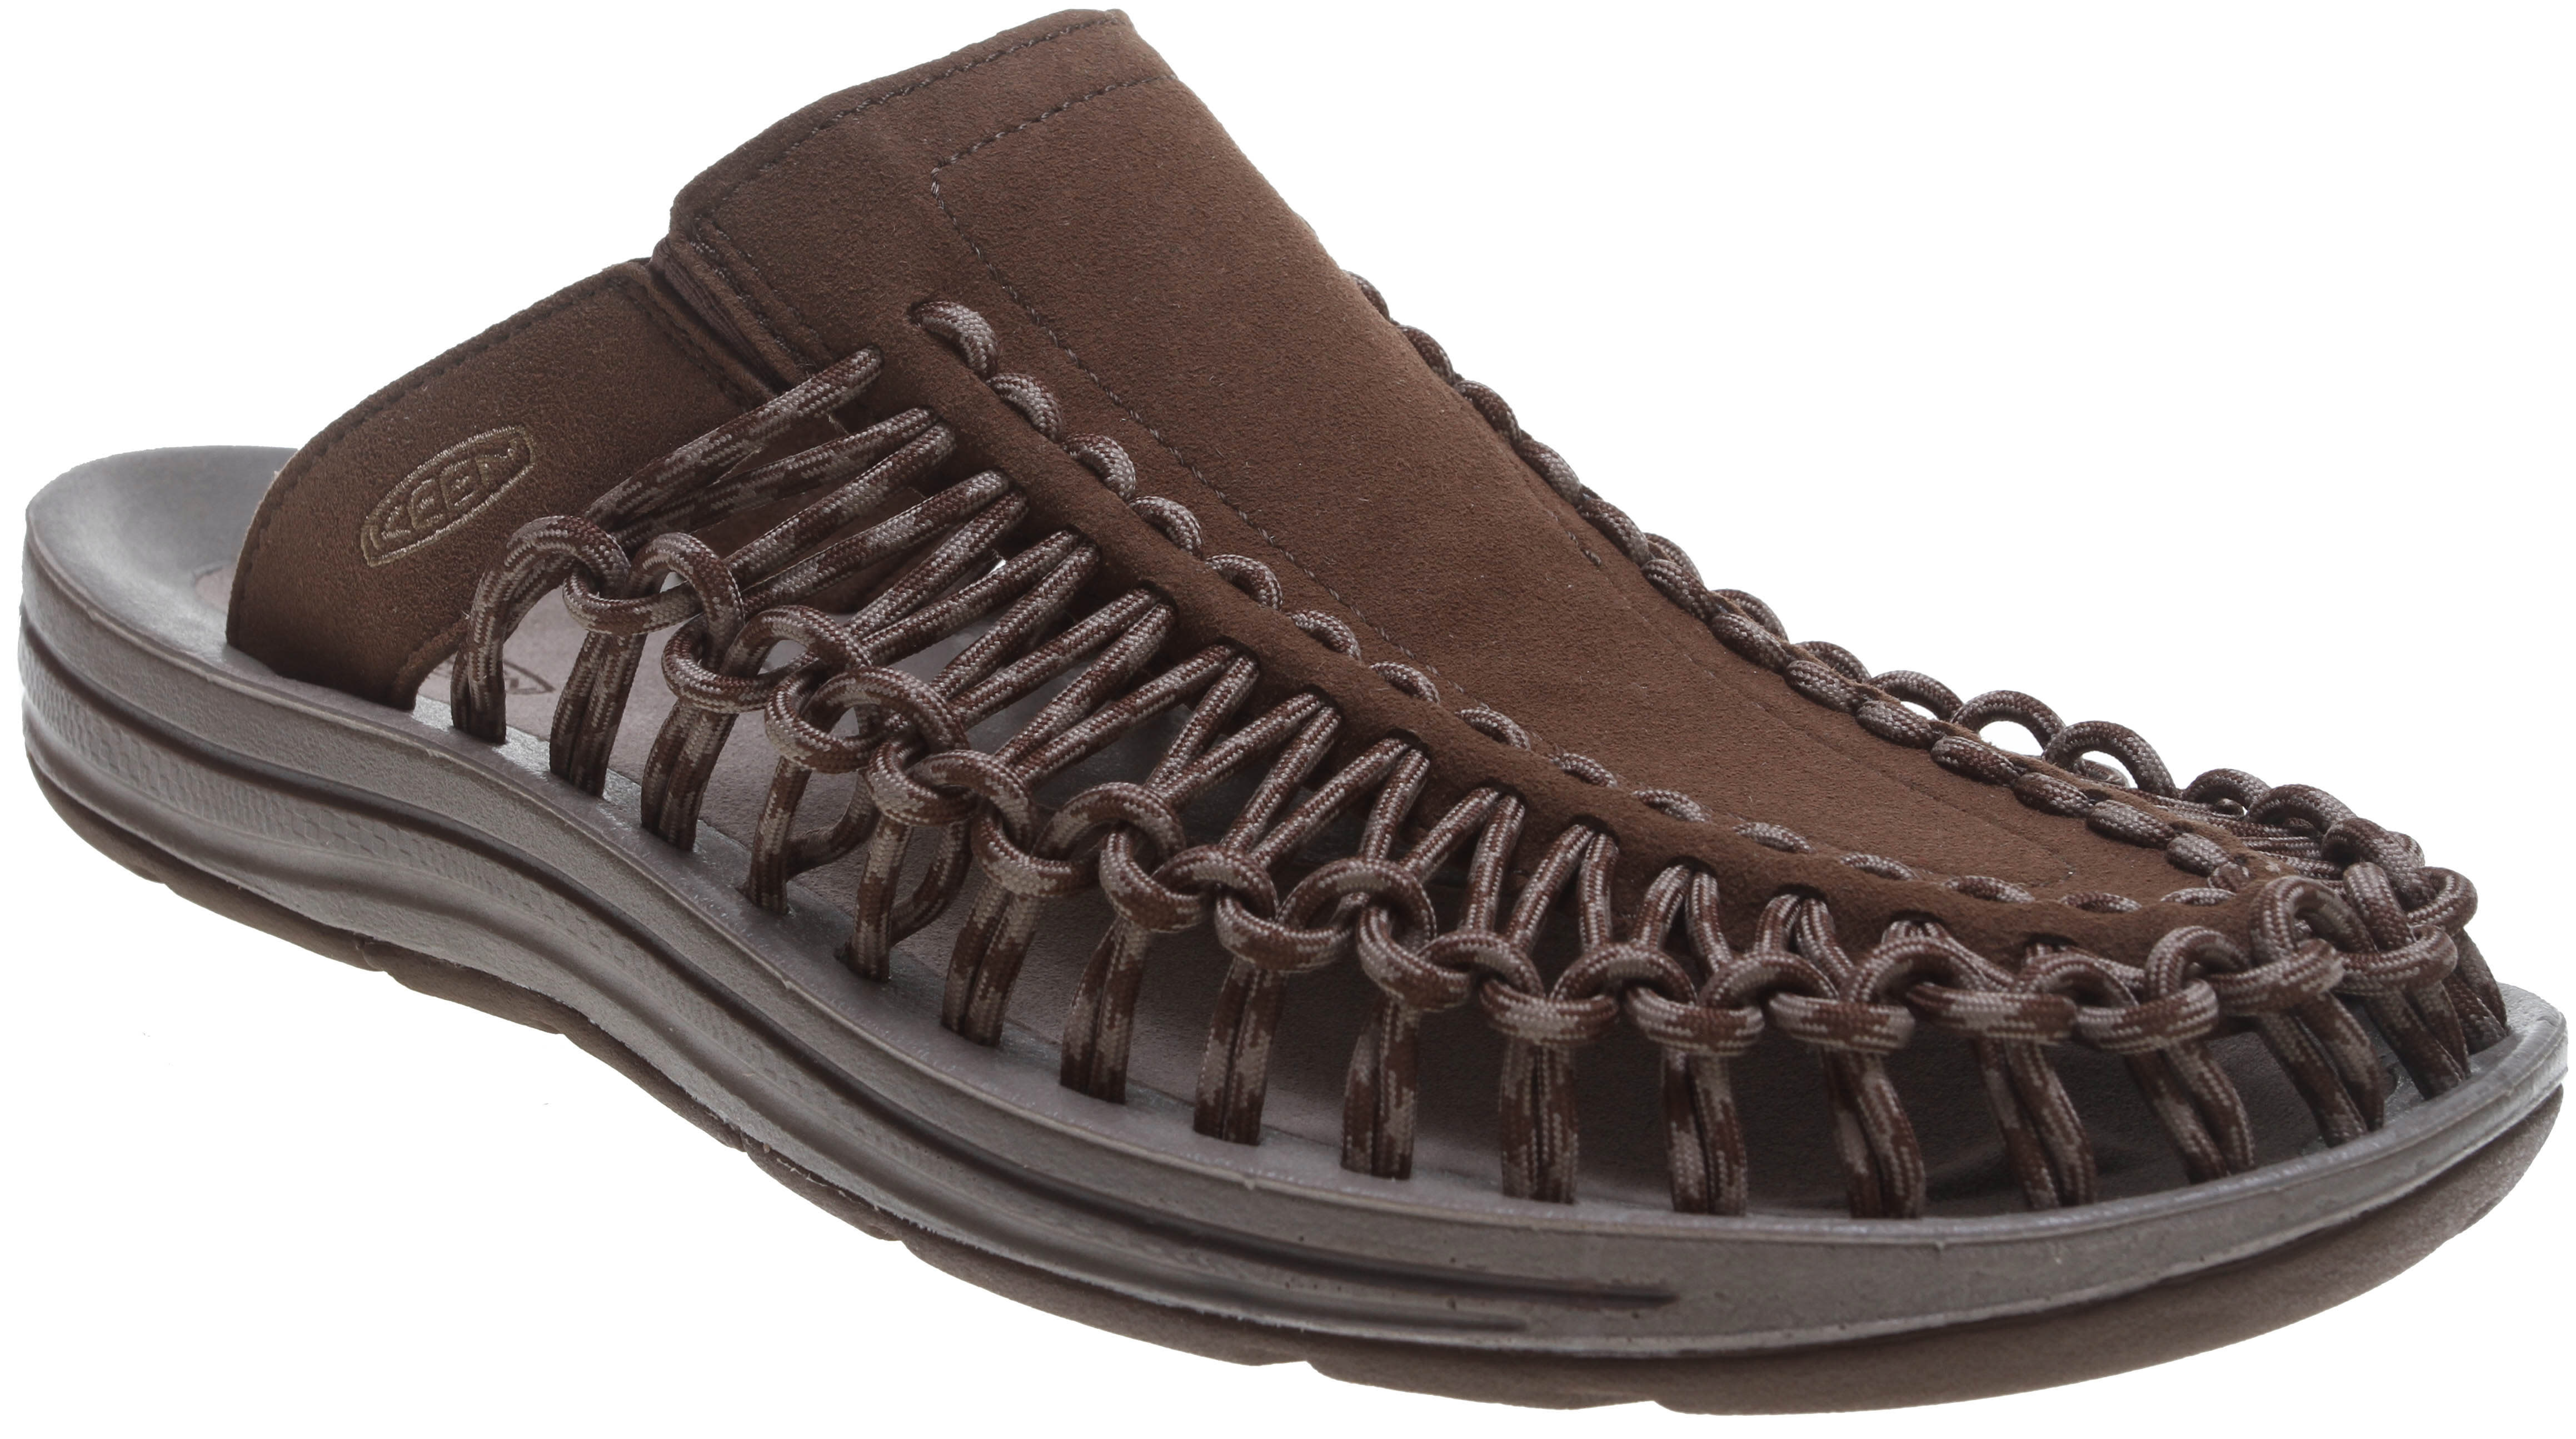 0f5de939da74 Keen Uneek Slide Sandals - thumbnail 2